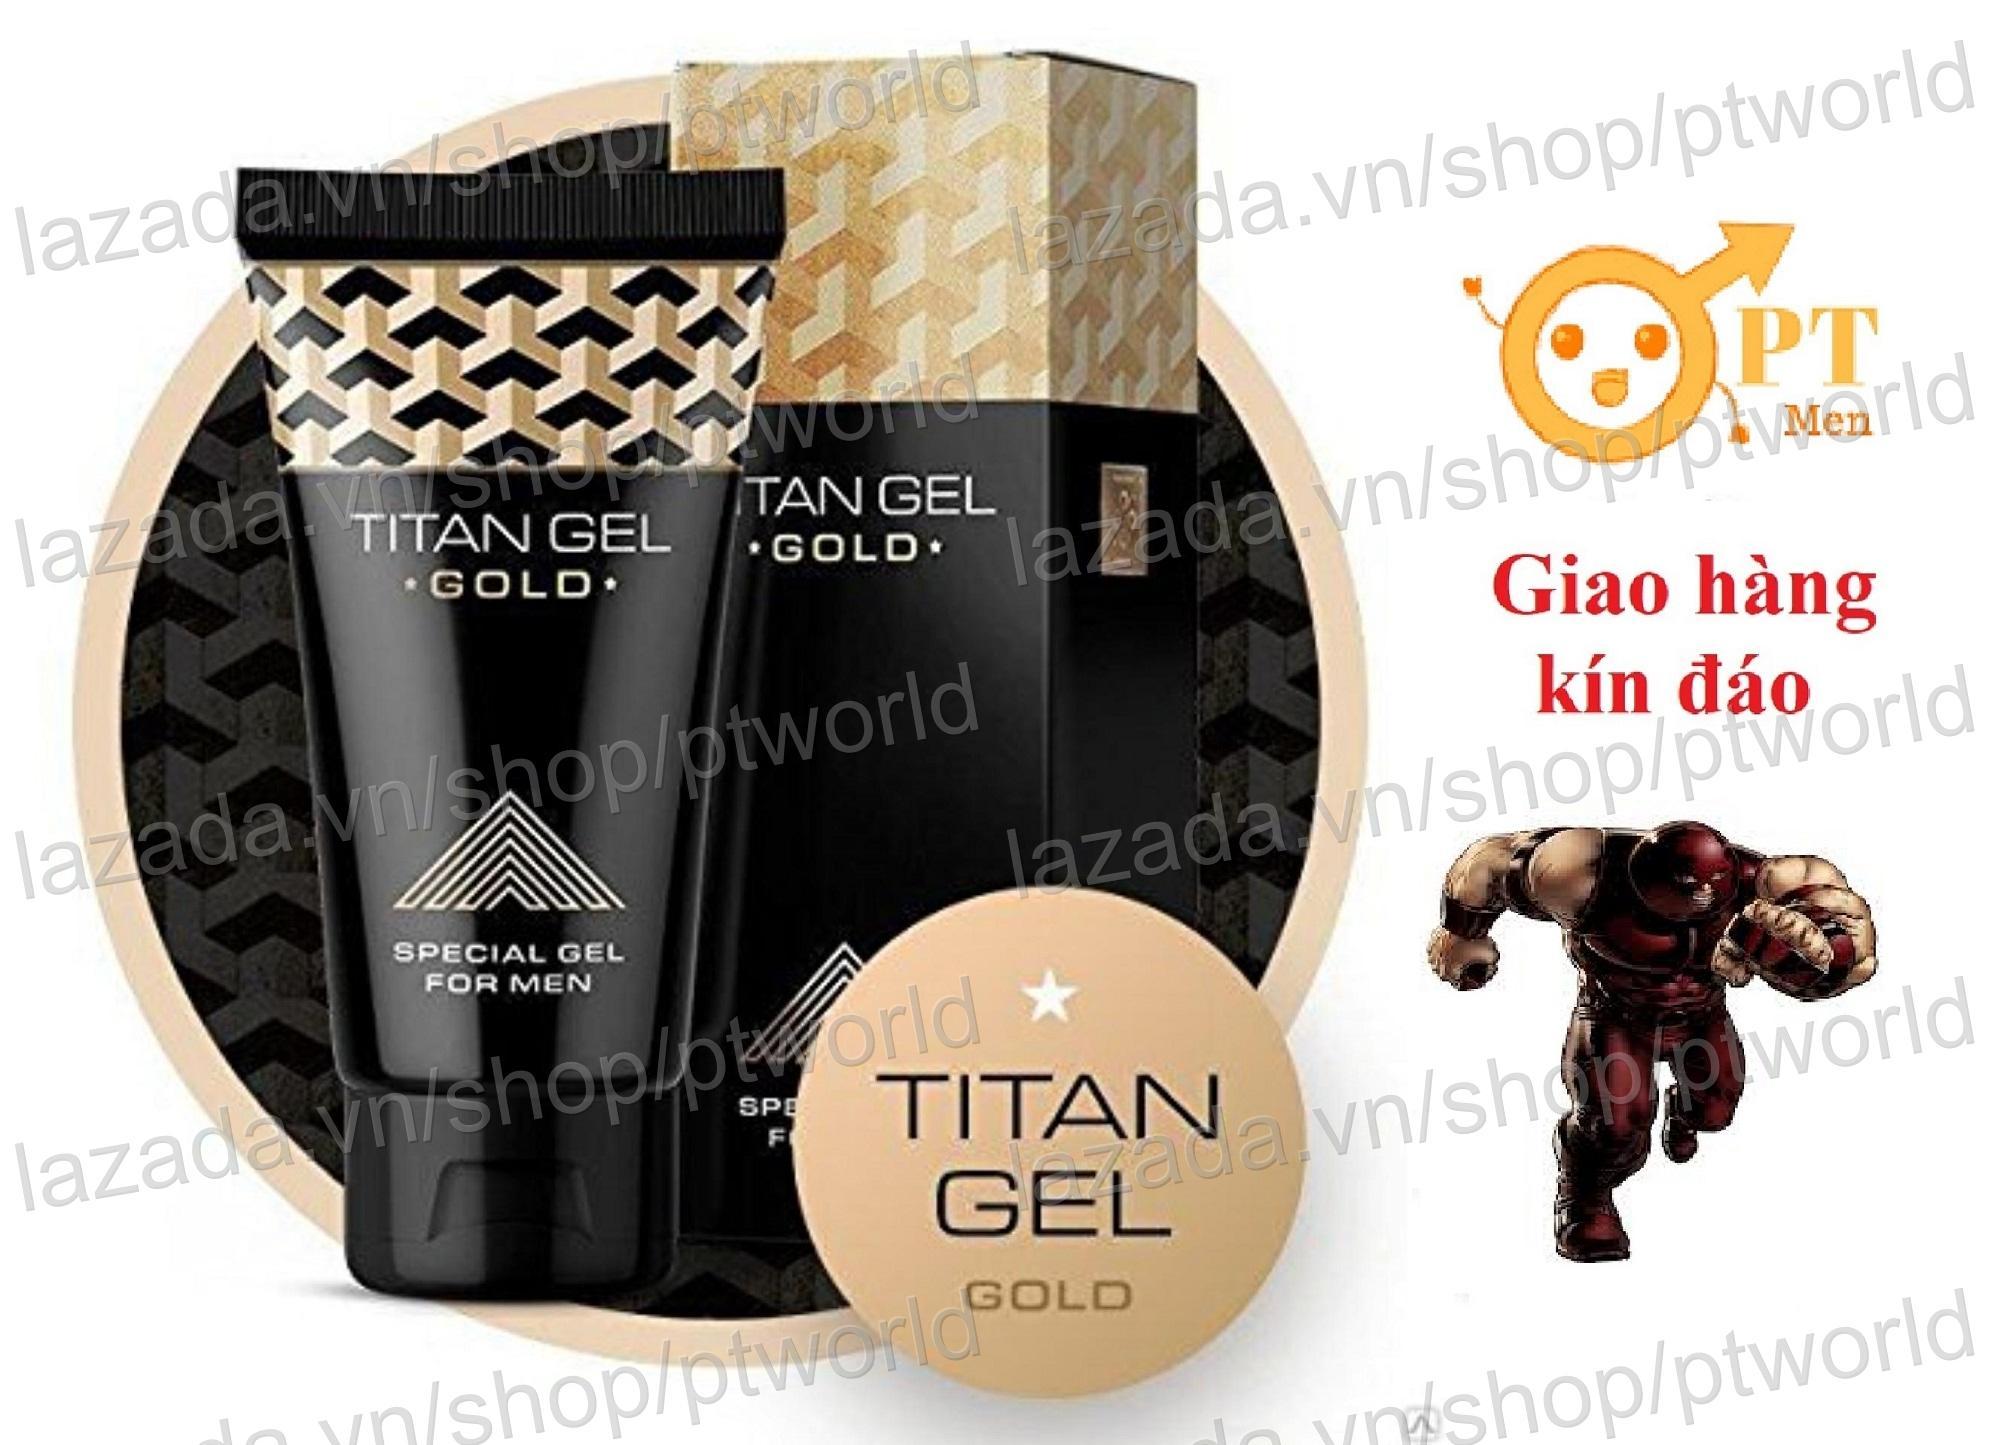 Bán Titan Gel Gold Phien Bản Đặc Biẹt Premium Tăng Kích Thước Dương Vật Và Chóng Xuát Tinh Sớm Rẻ Trong Đồng Nai